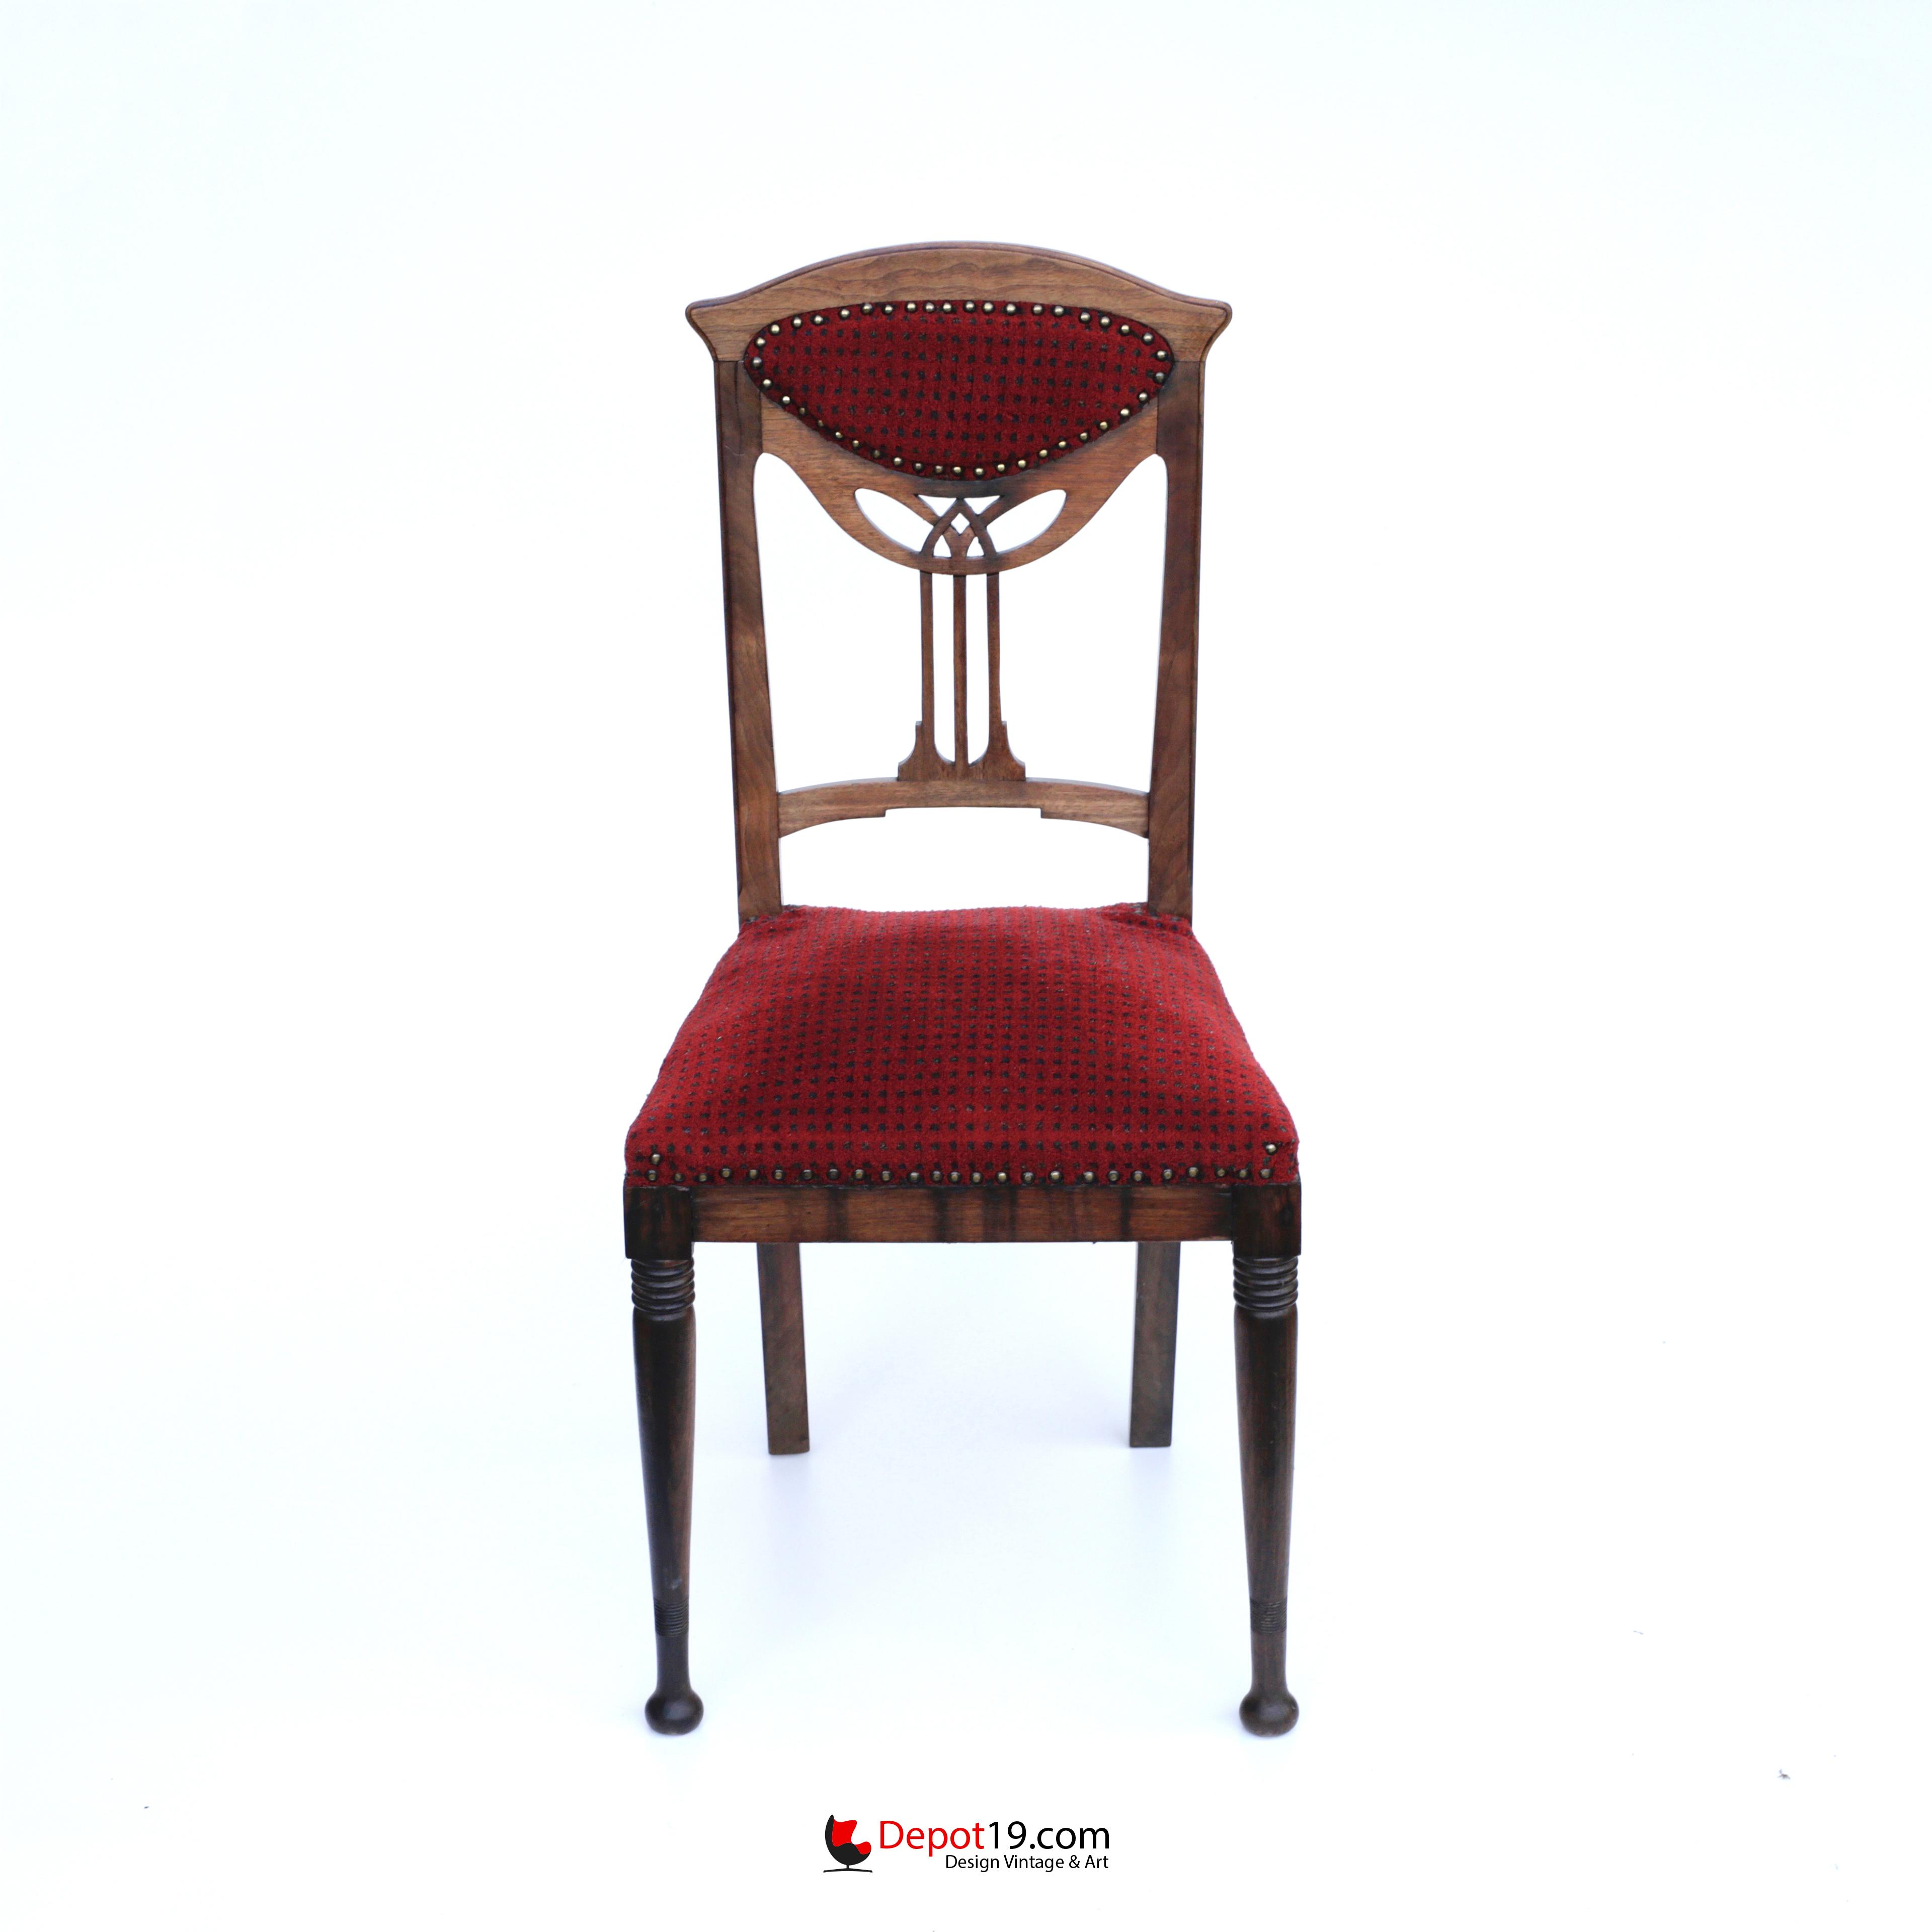 Art Deco Kuipstoelen.Art Nouveau Art Deco Style Chair With Wood Carvings Depot 19